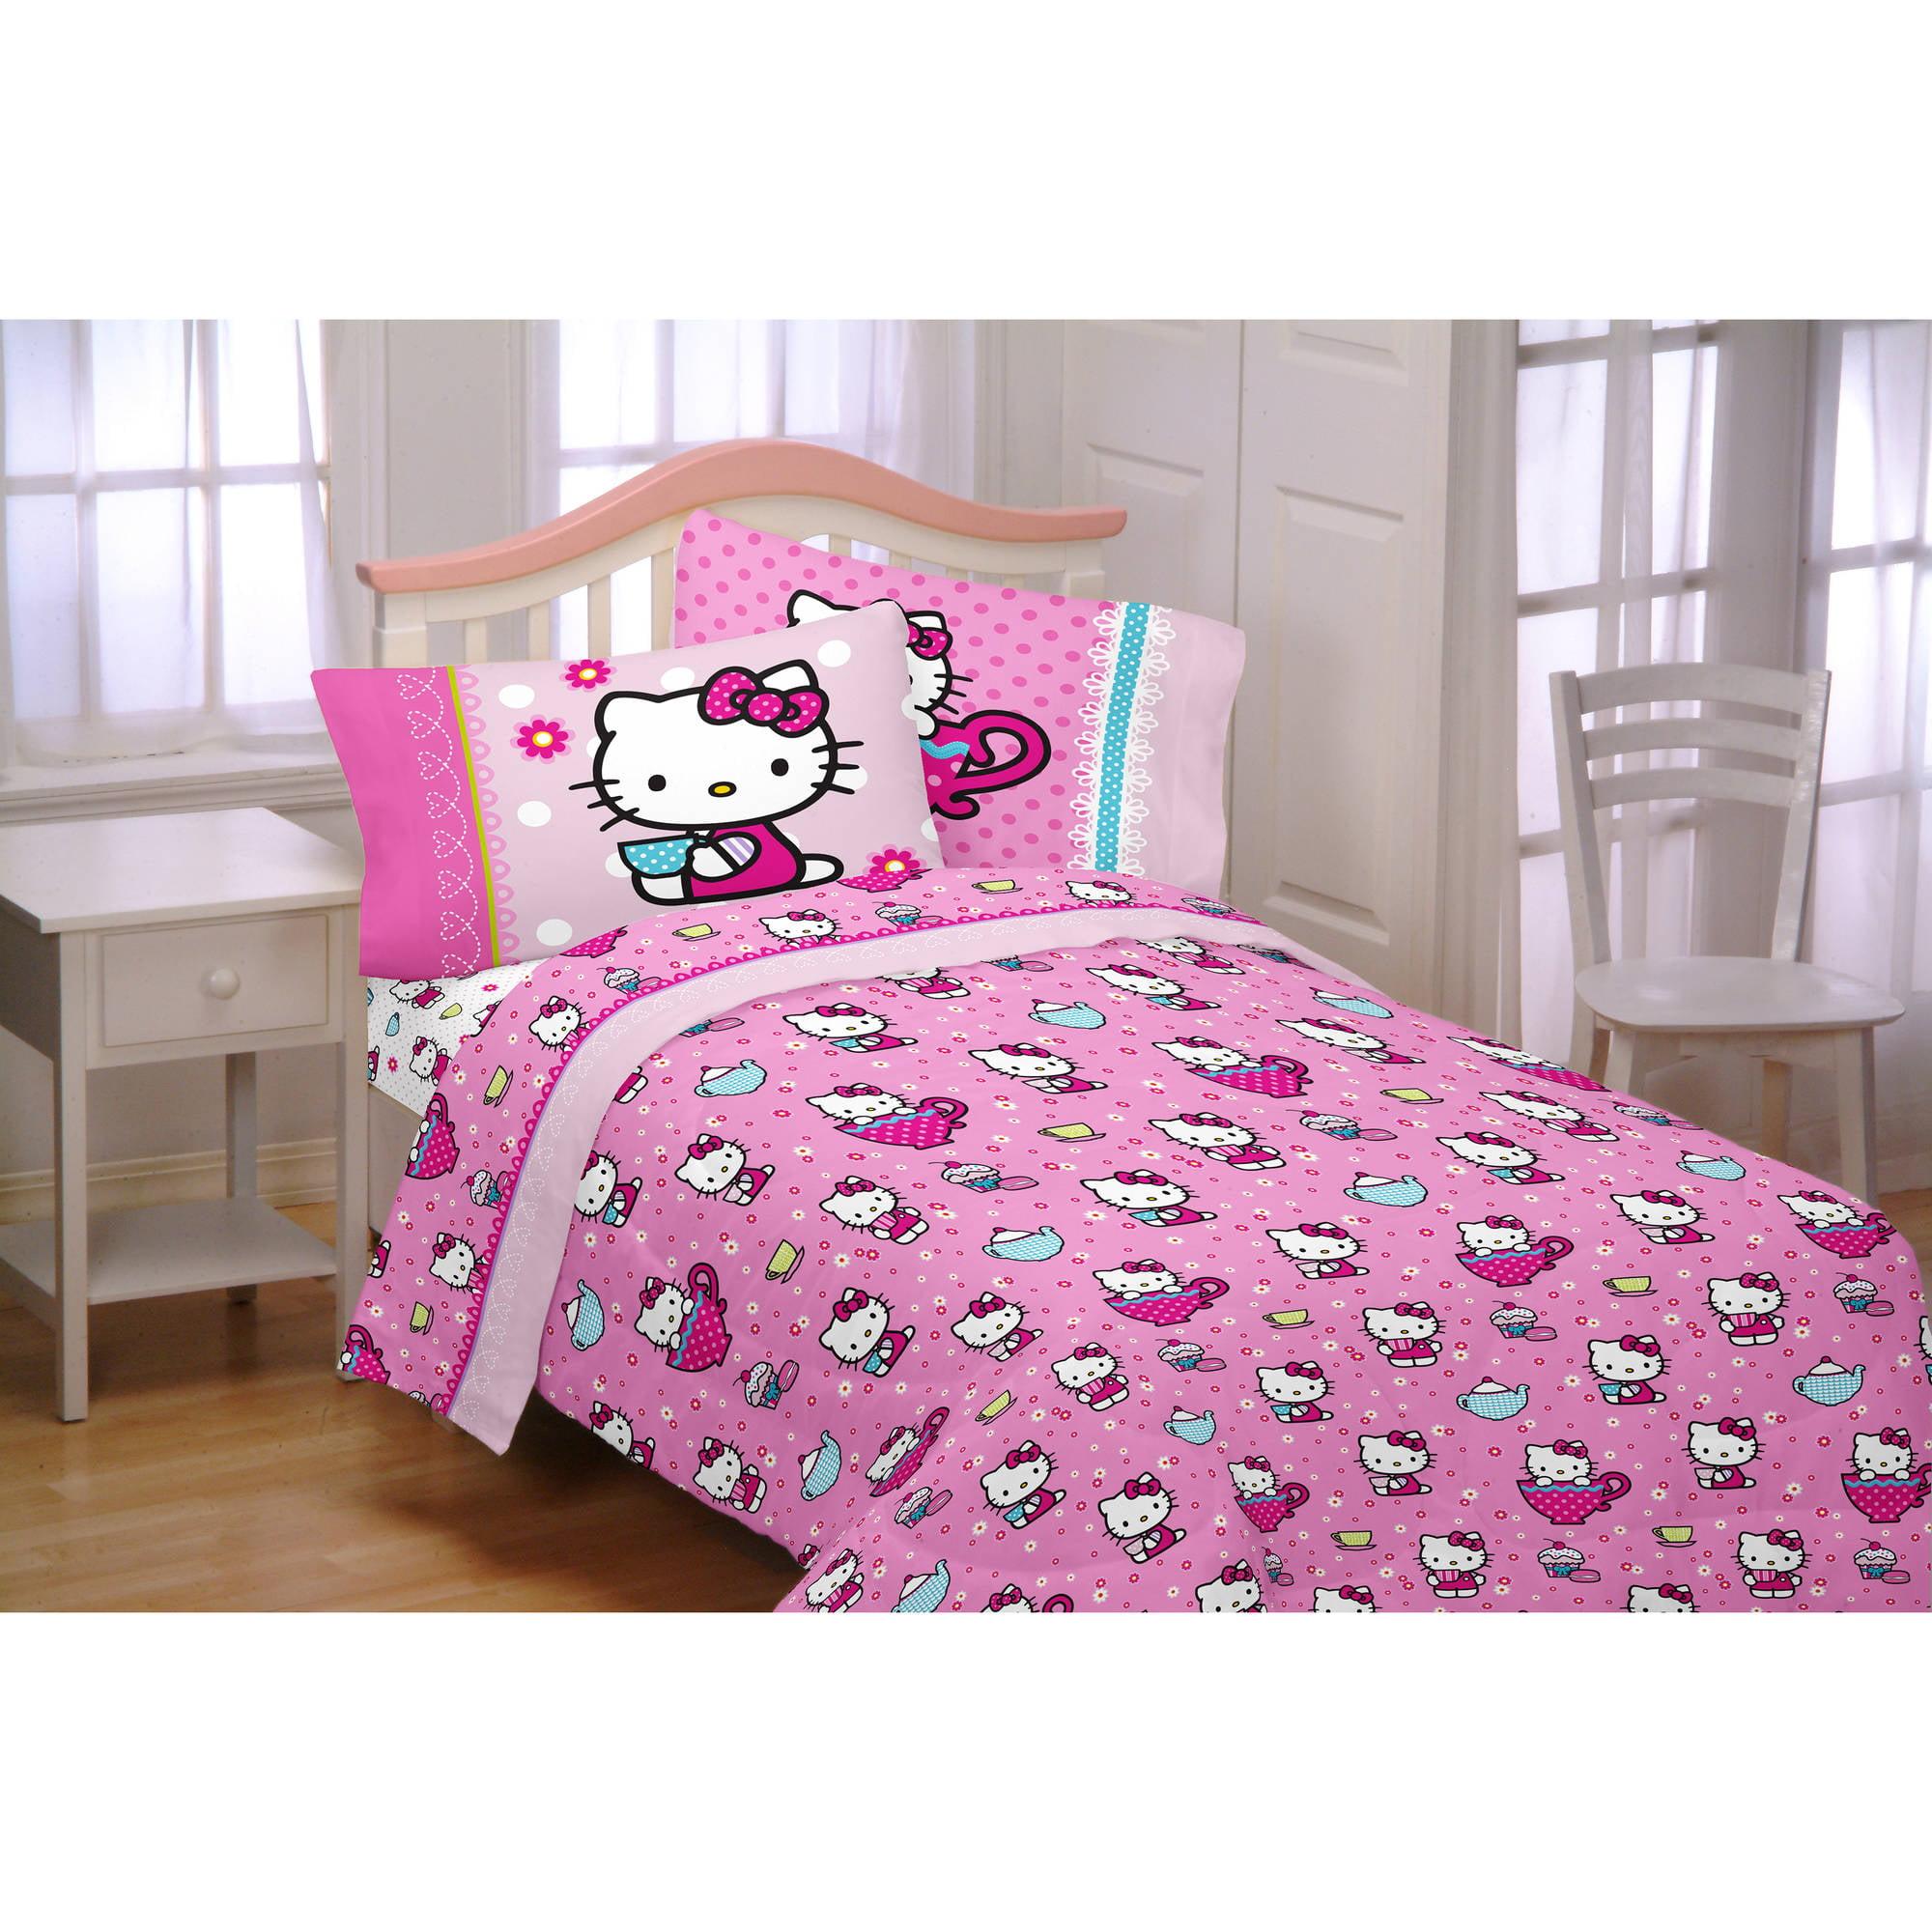 Hello kitty bed set walmart - Hello Kitty Bed Set Walmart 0